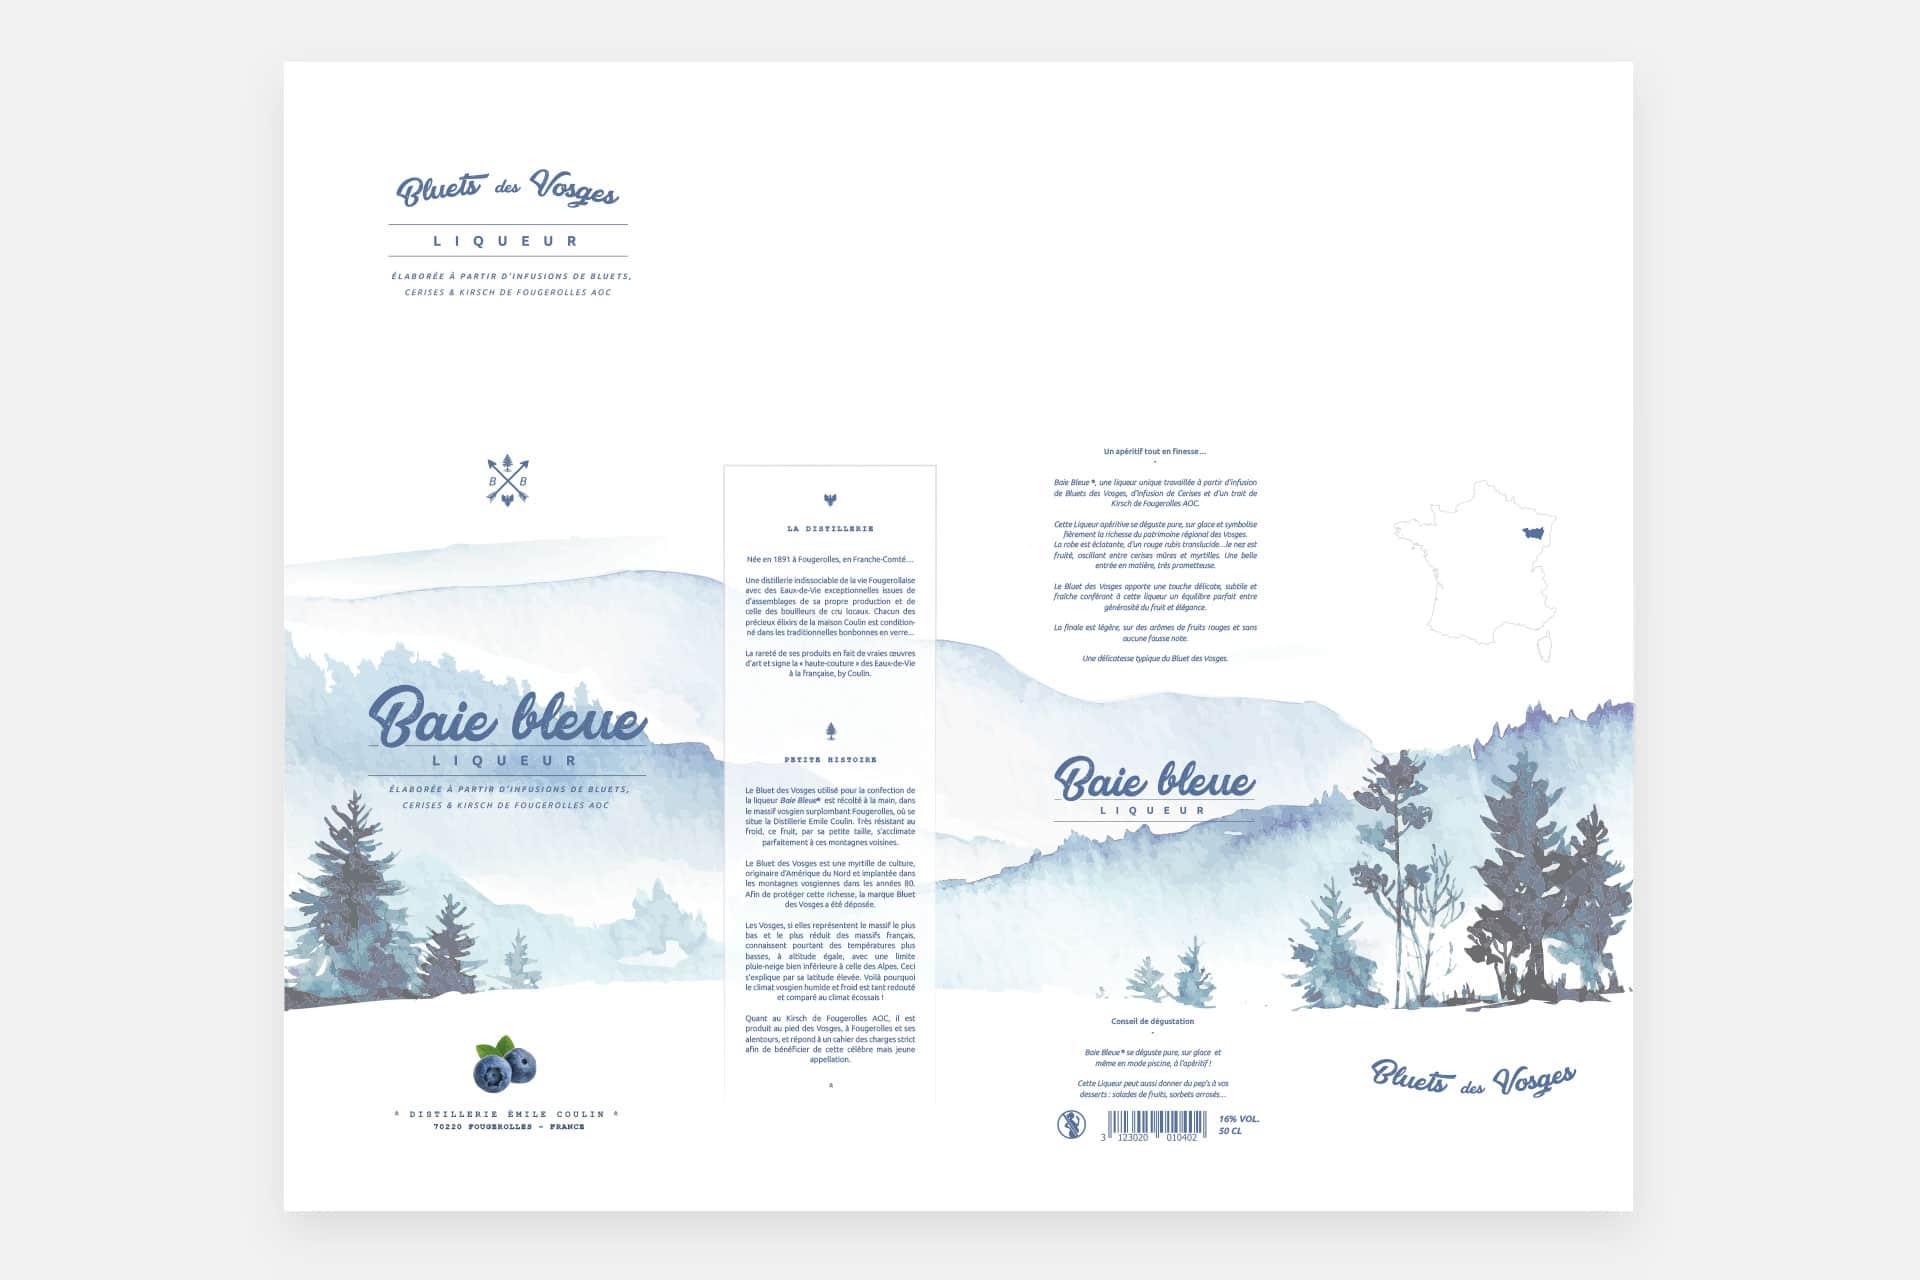 Blue Bay Liqueur box template